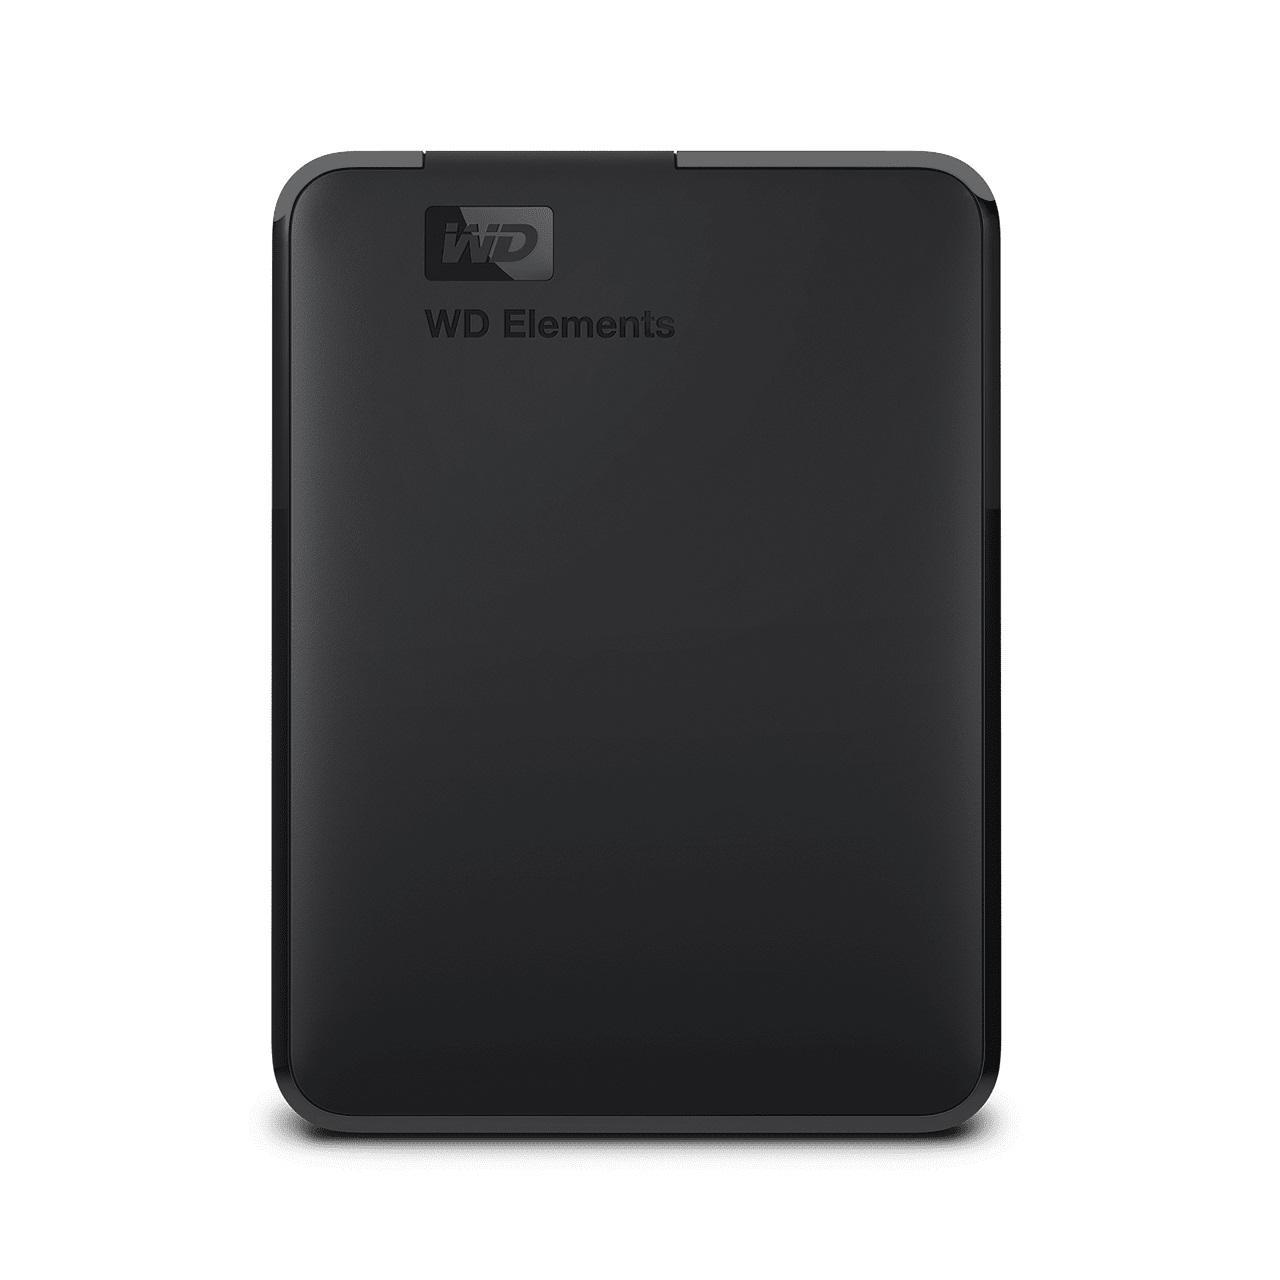 Външен хард диск Western Digital Elements Portable, 1TB, 2.5, USB 3.0, Черен